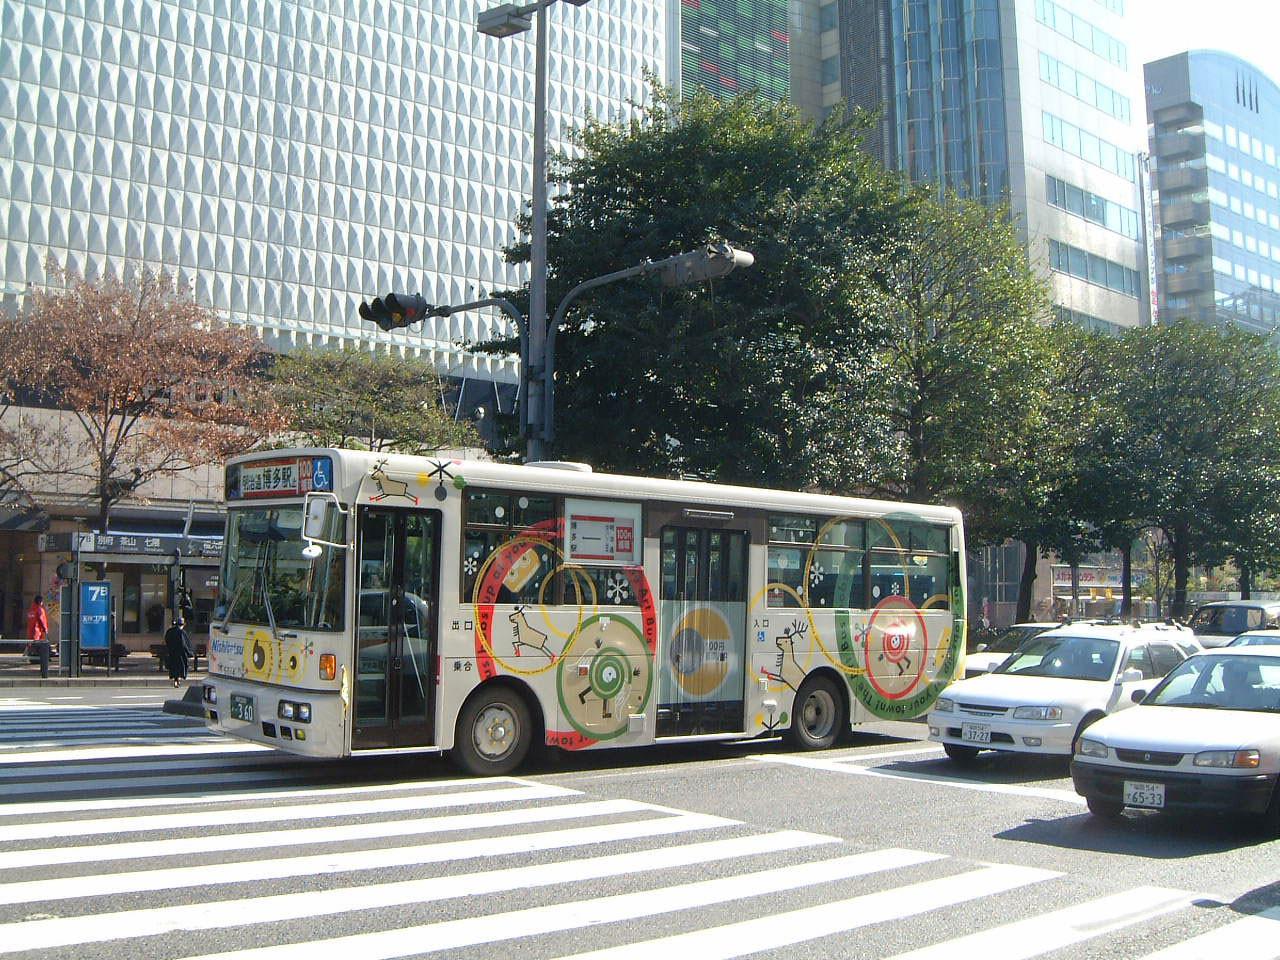 2001_artbus2.jpg